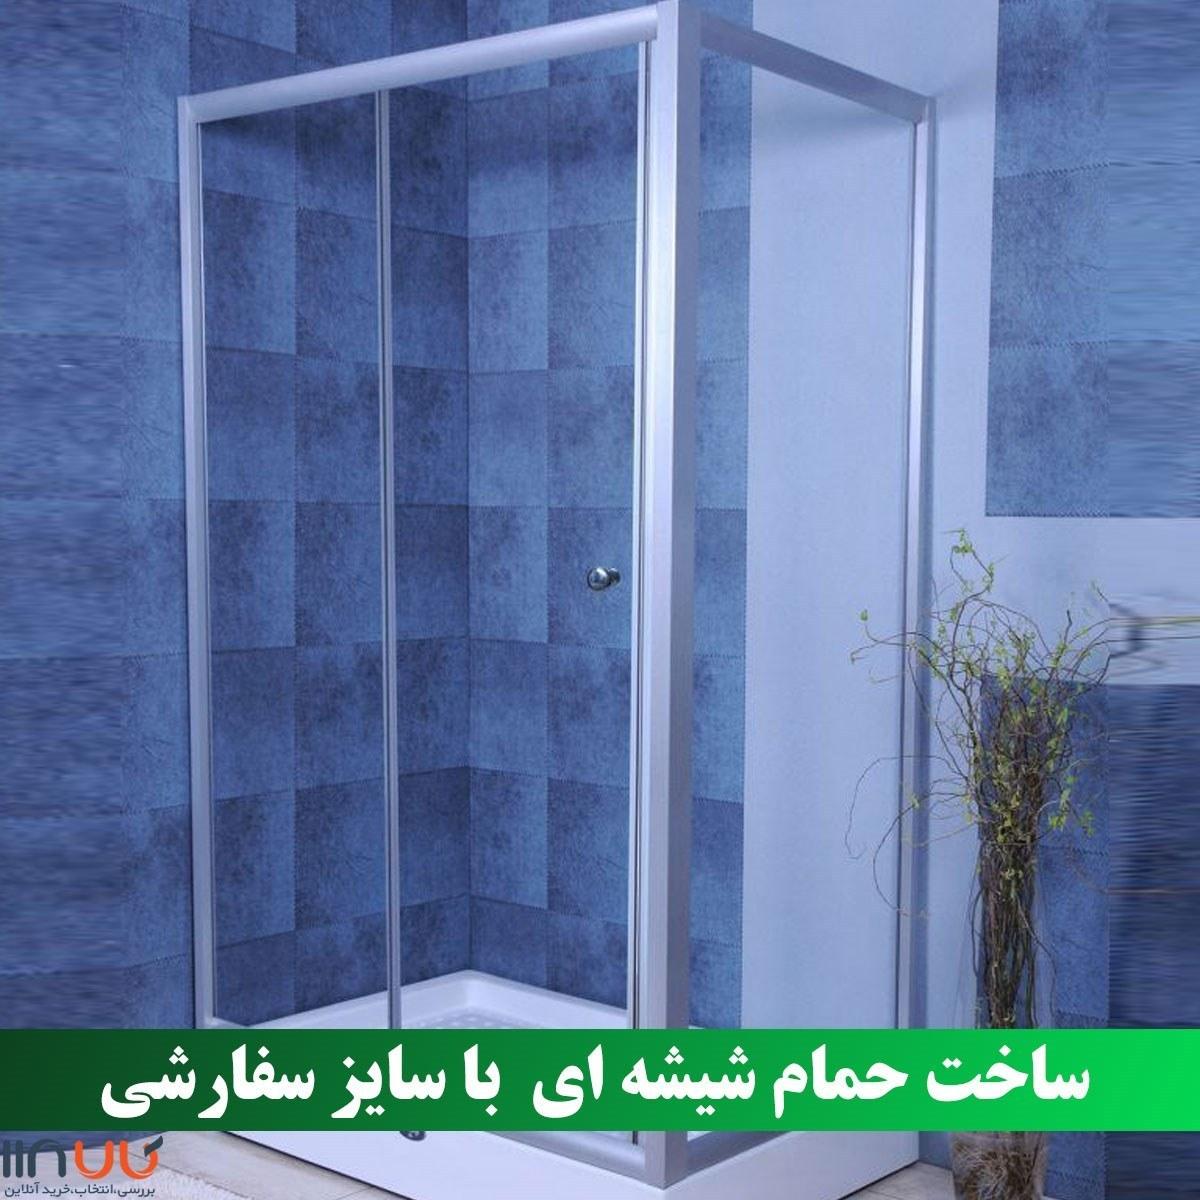 تصویر دور دوشی حمام شاینی ابعاد سفارشی